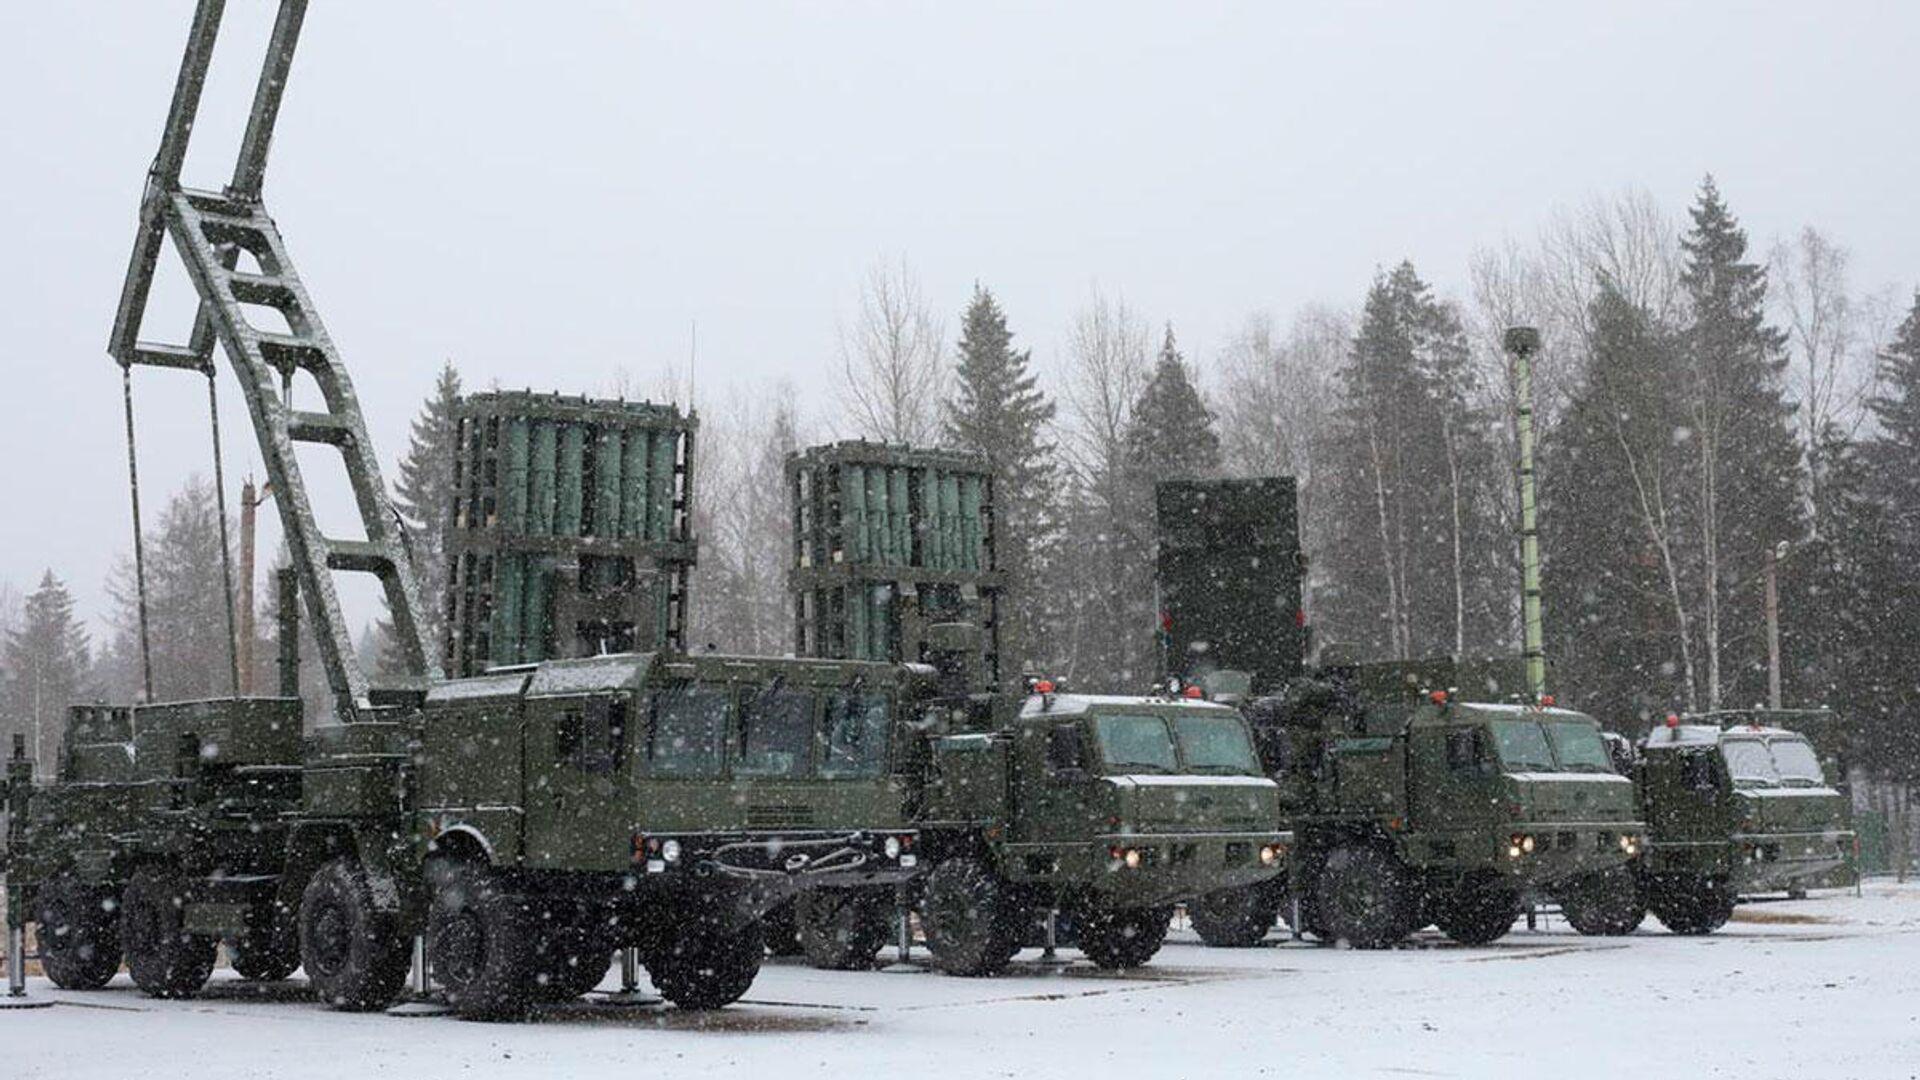 Зенитная ракетная система С-350 Витязь поступила в Воздушно-космические силы РФ - РИА Новости, 1920, 09.01.2021